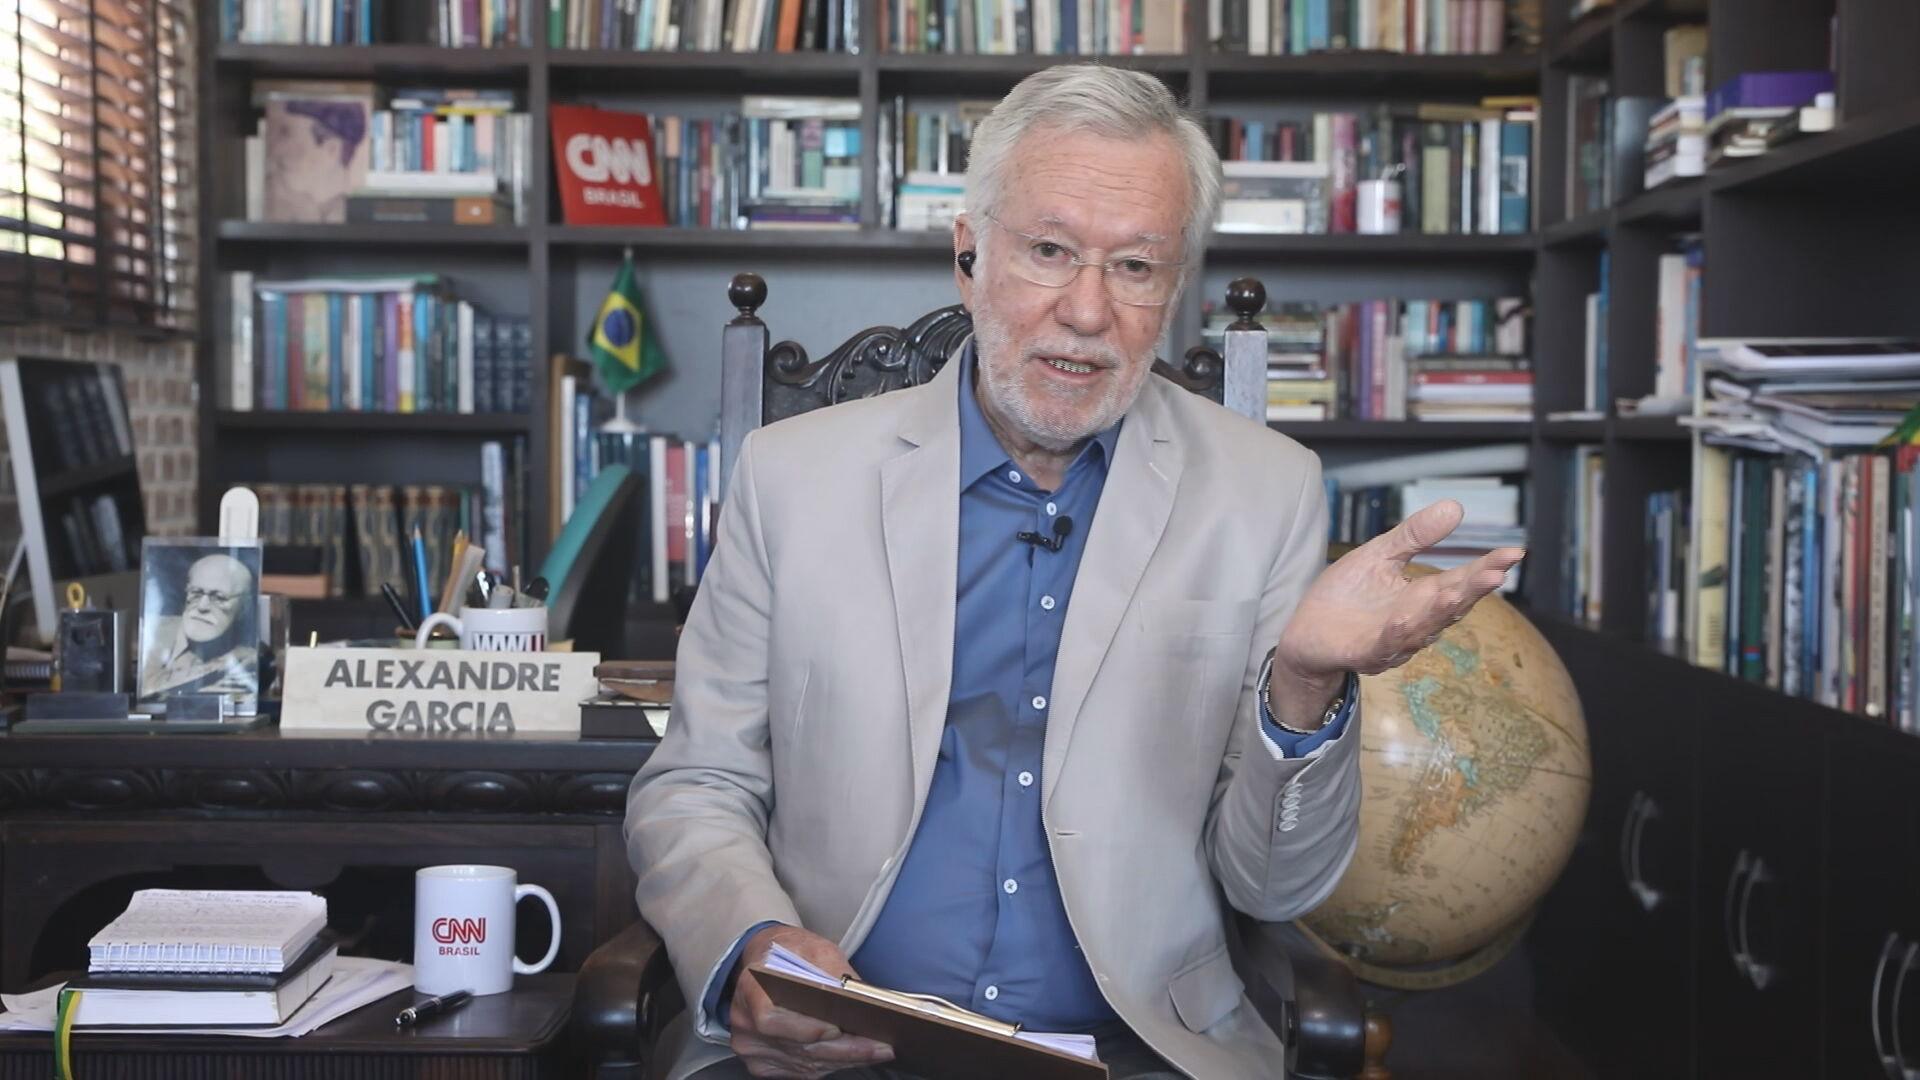 Alexandre Garcia no quadro Liberdade de Opinião